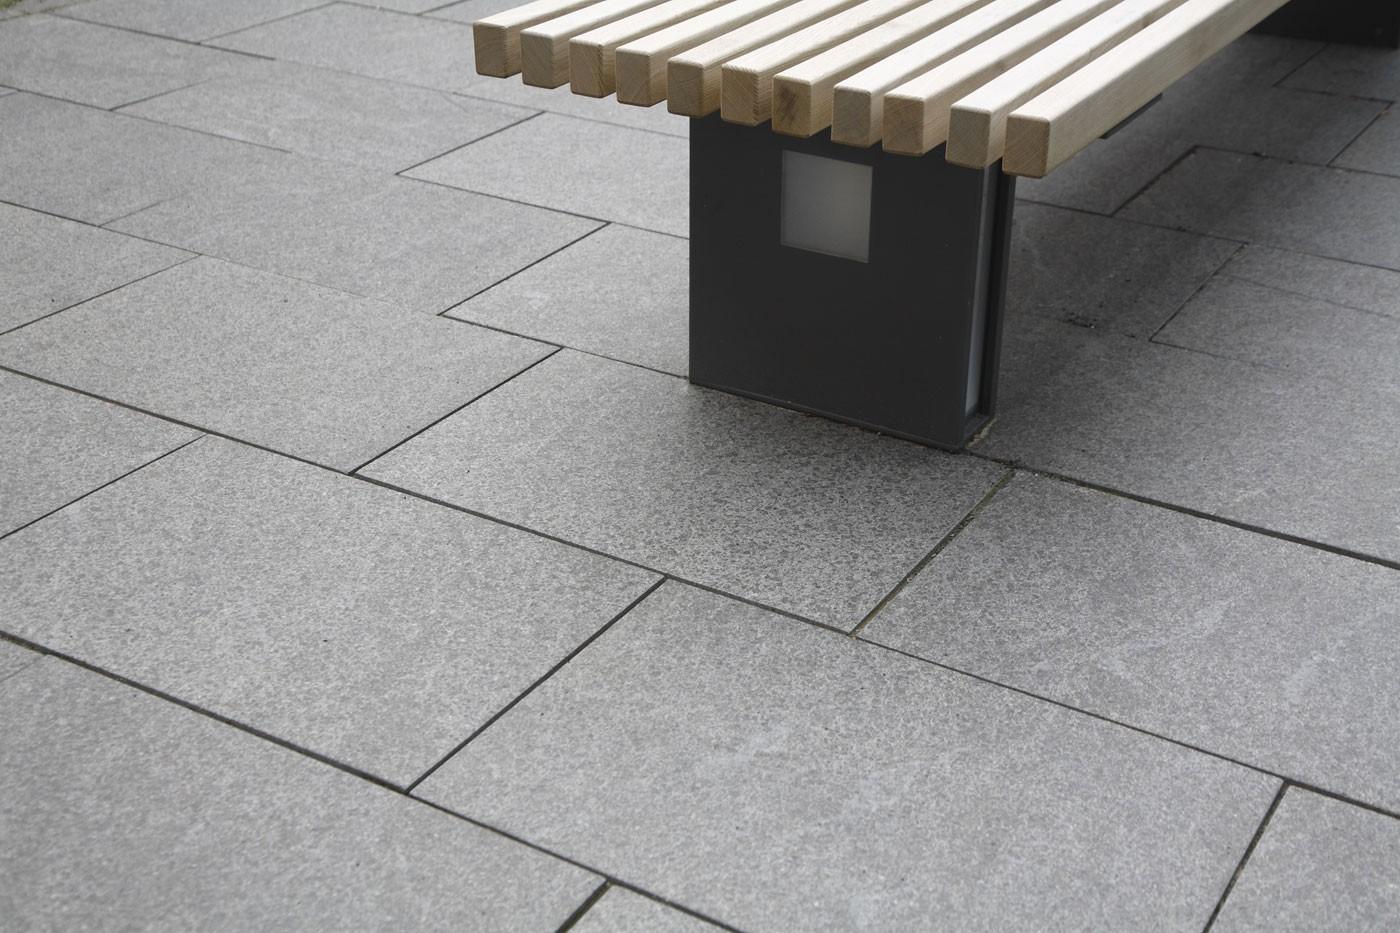 Dalles Granit Exterieur Dalle Granit Flammée 60 X 40 Nero